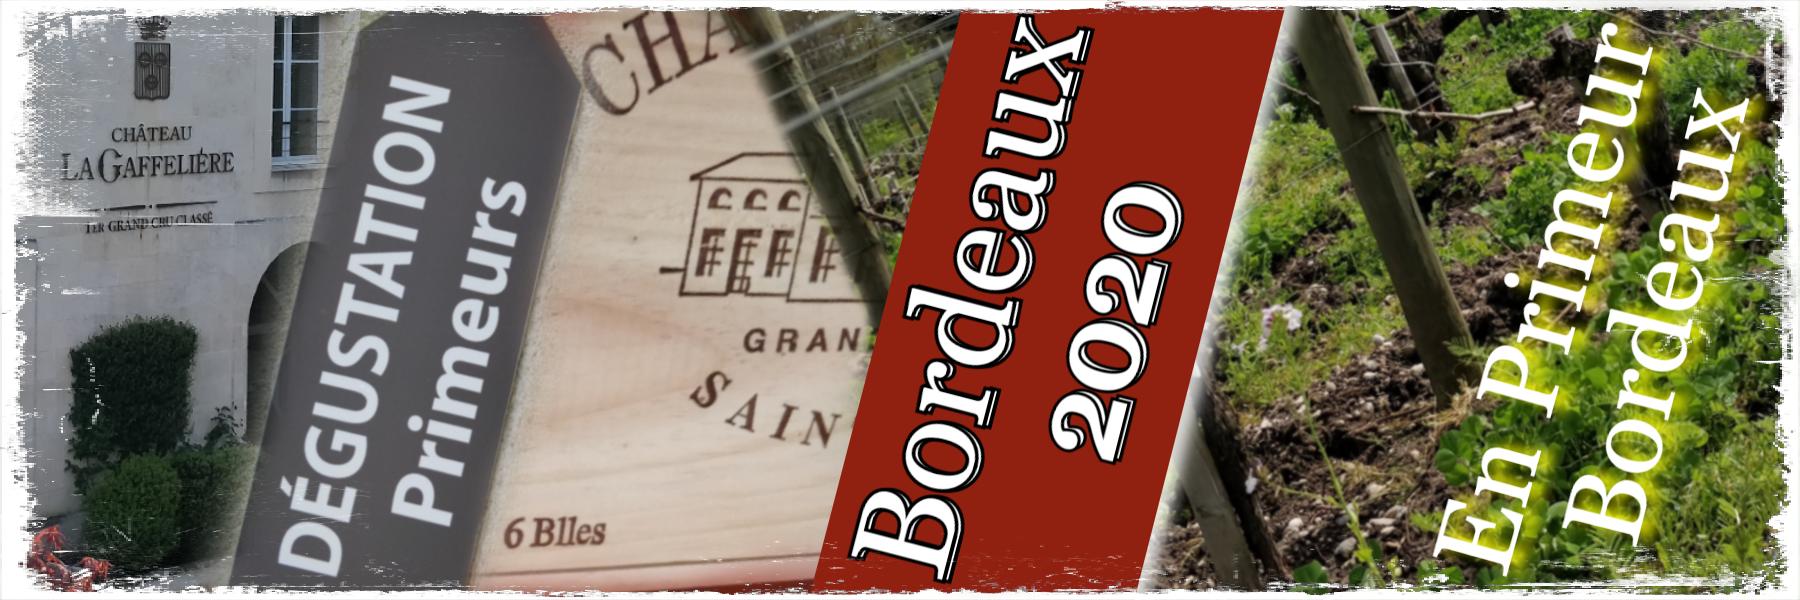 bordeaux-ep-2020-banner-2.png